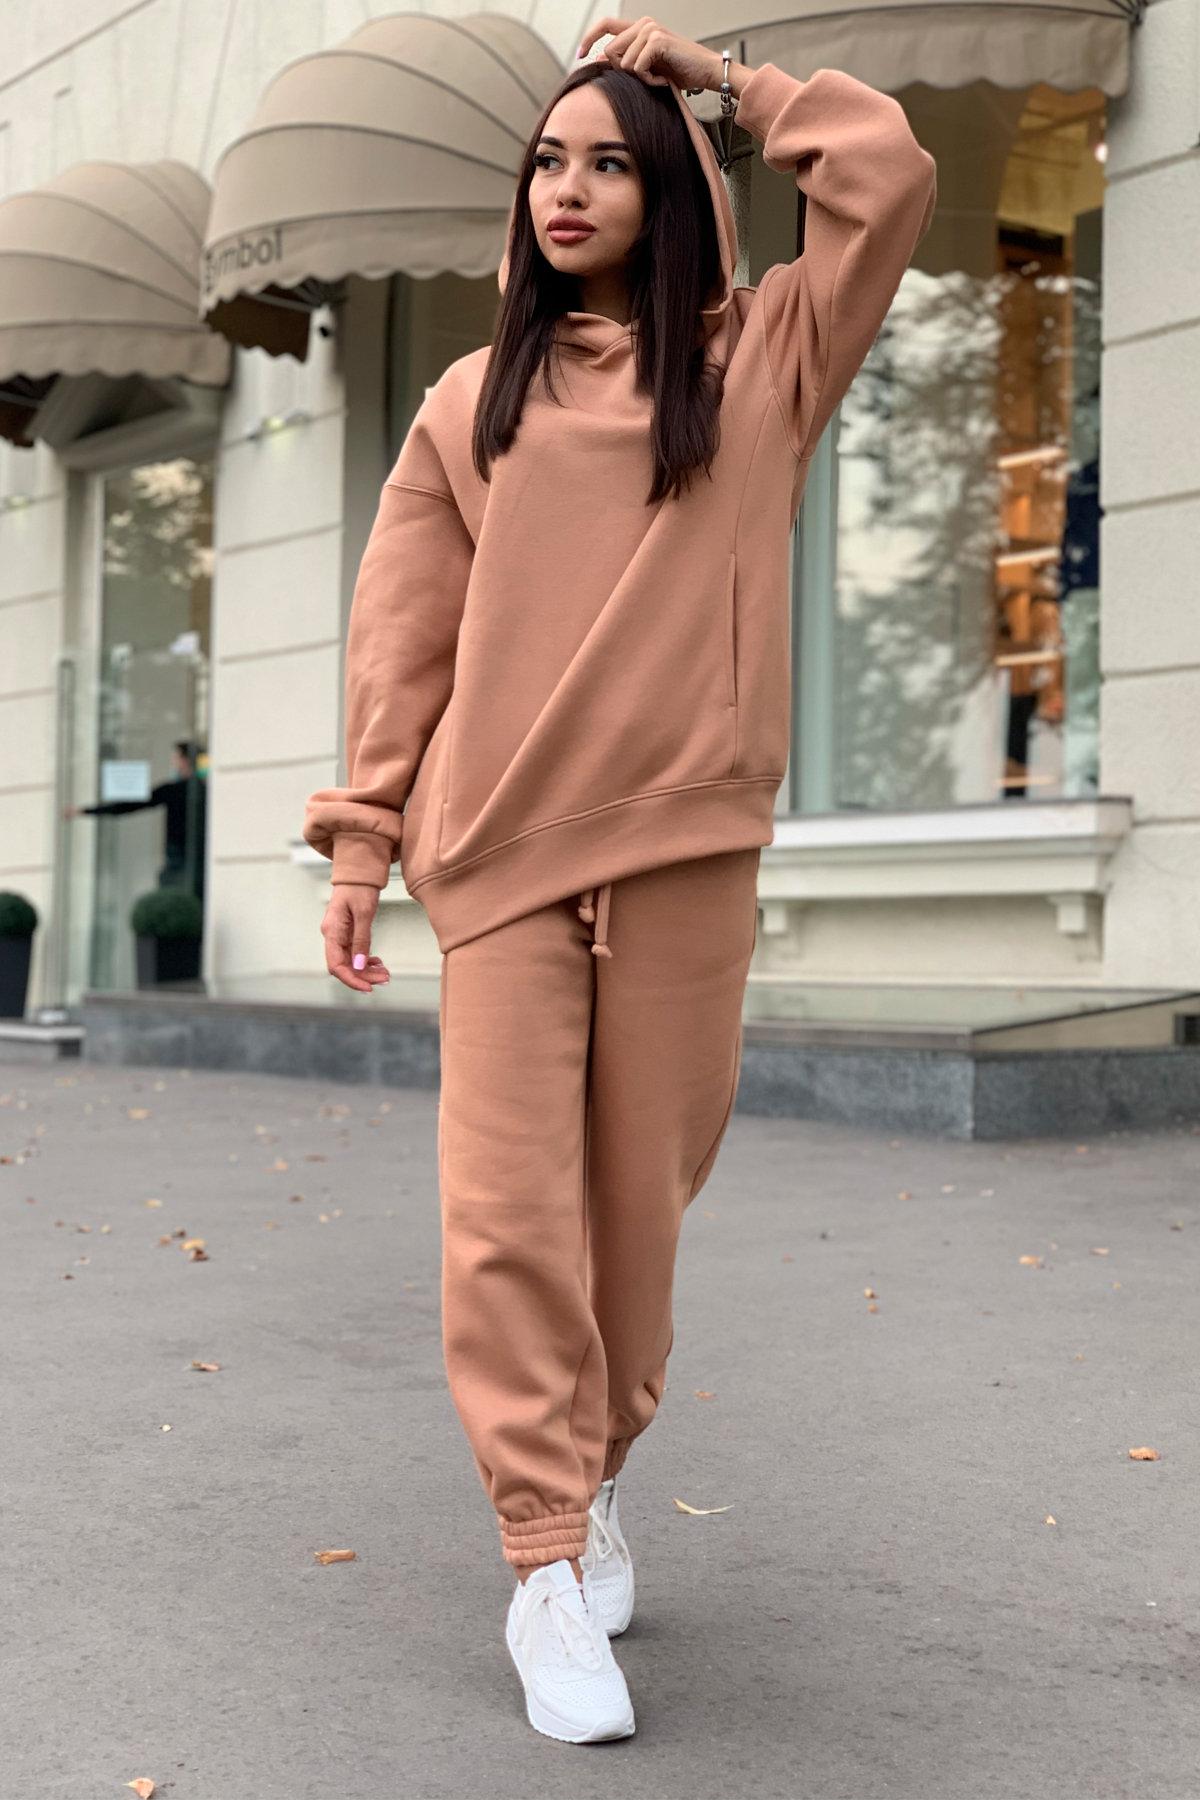 Марион костюм в  стиле Oversize  3х нитка 9651 АРТ. 45982 Цвет: Кемел - фото 5, интернет магазин tm-modus.ru